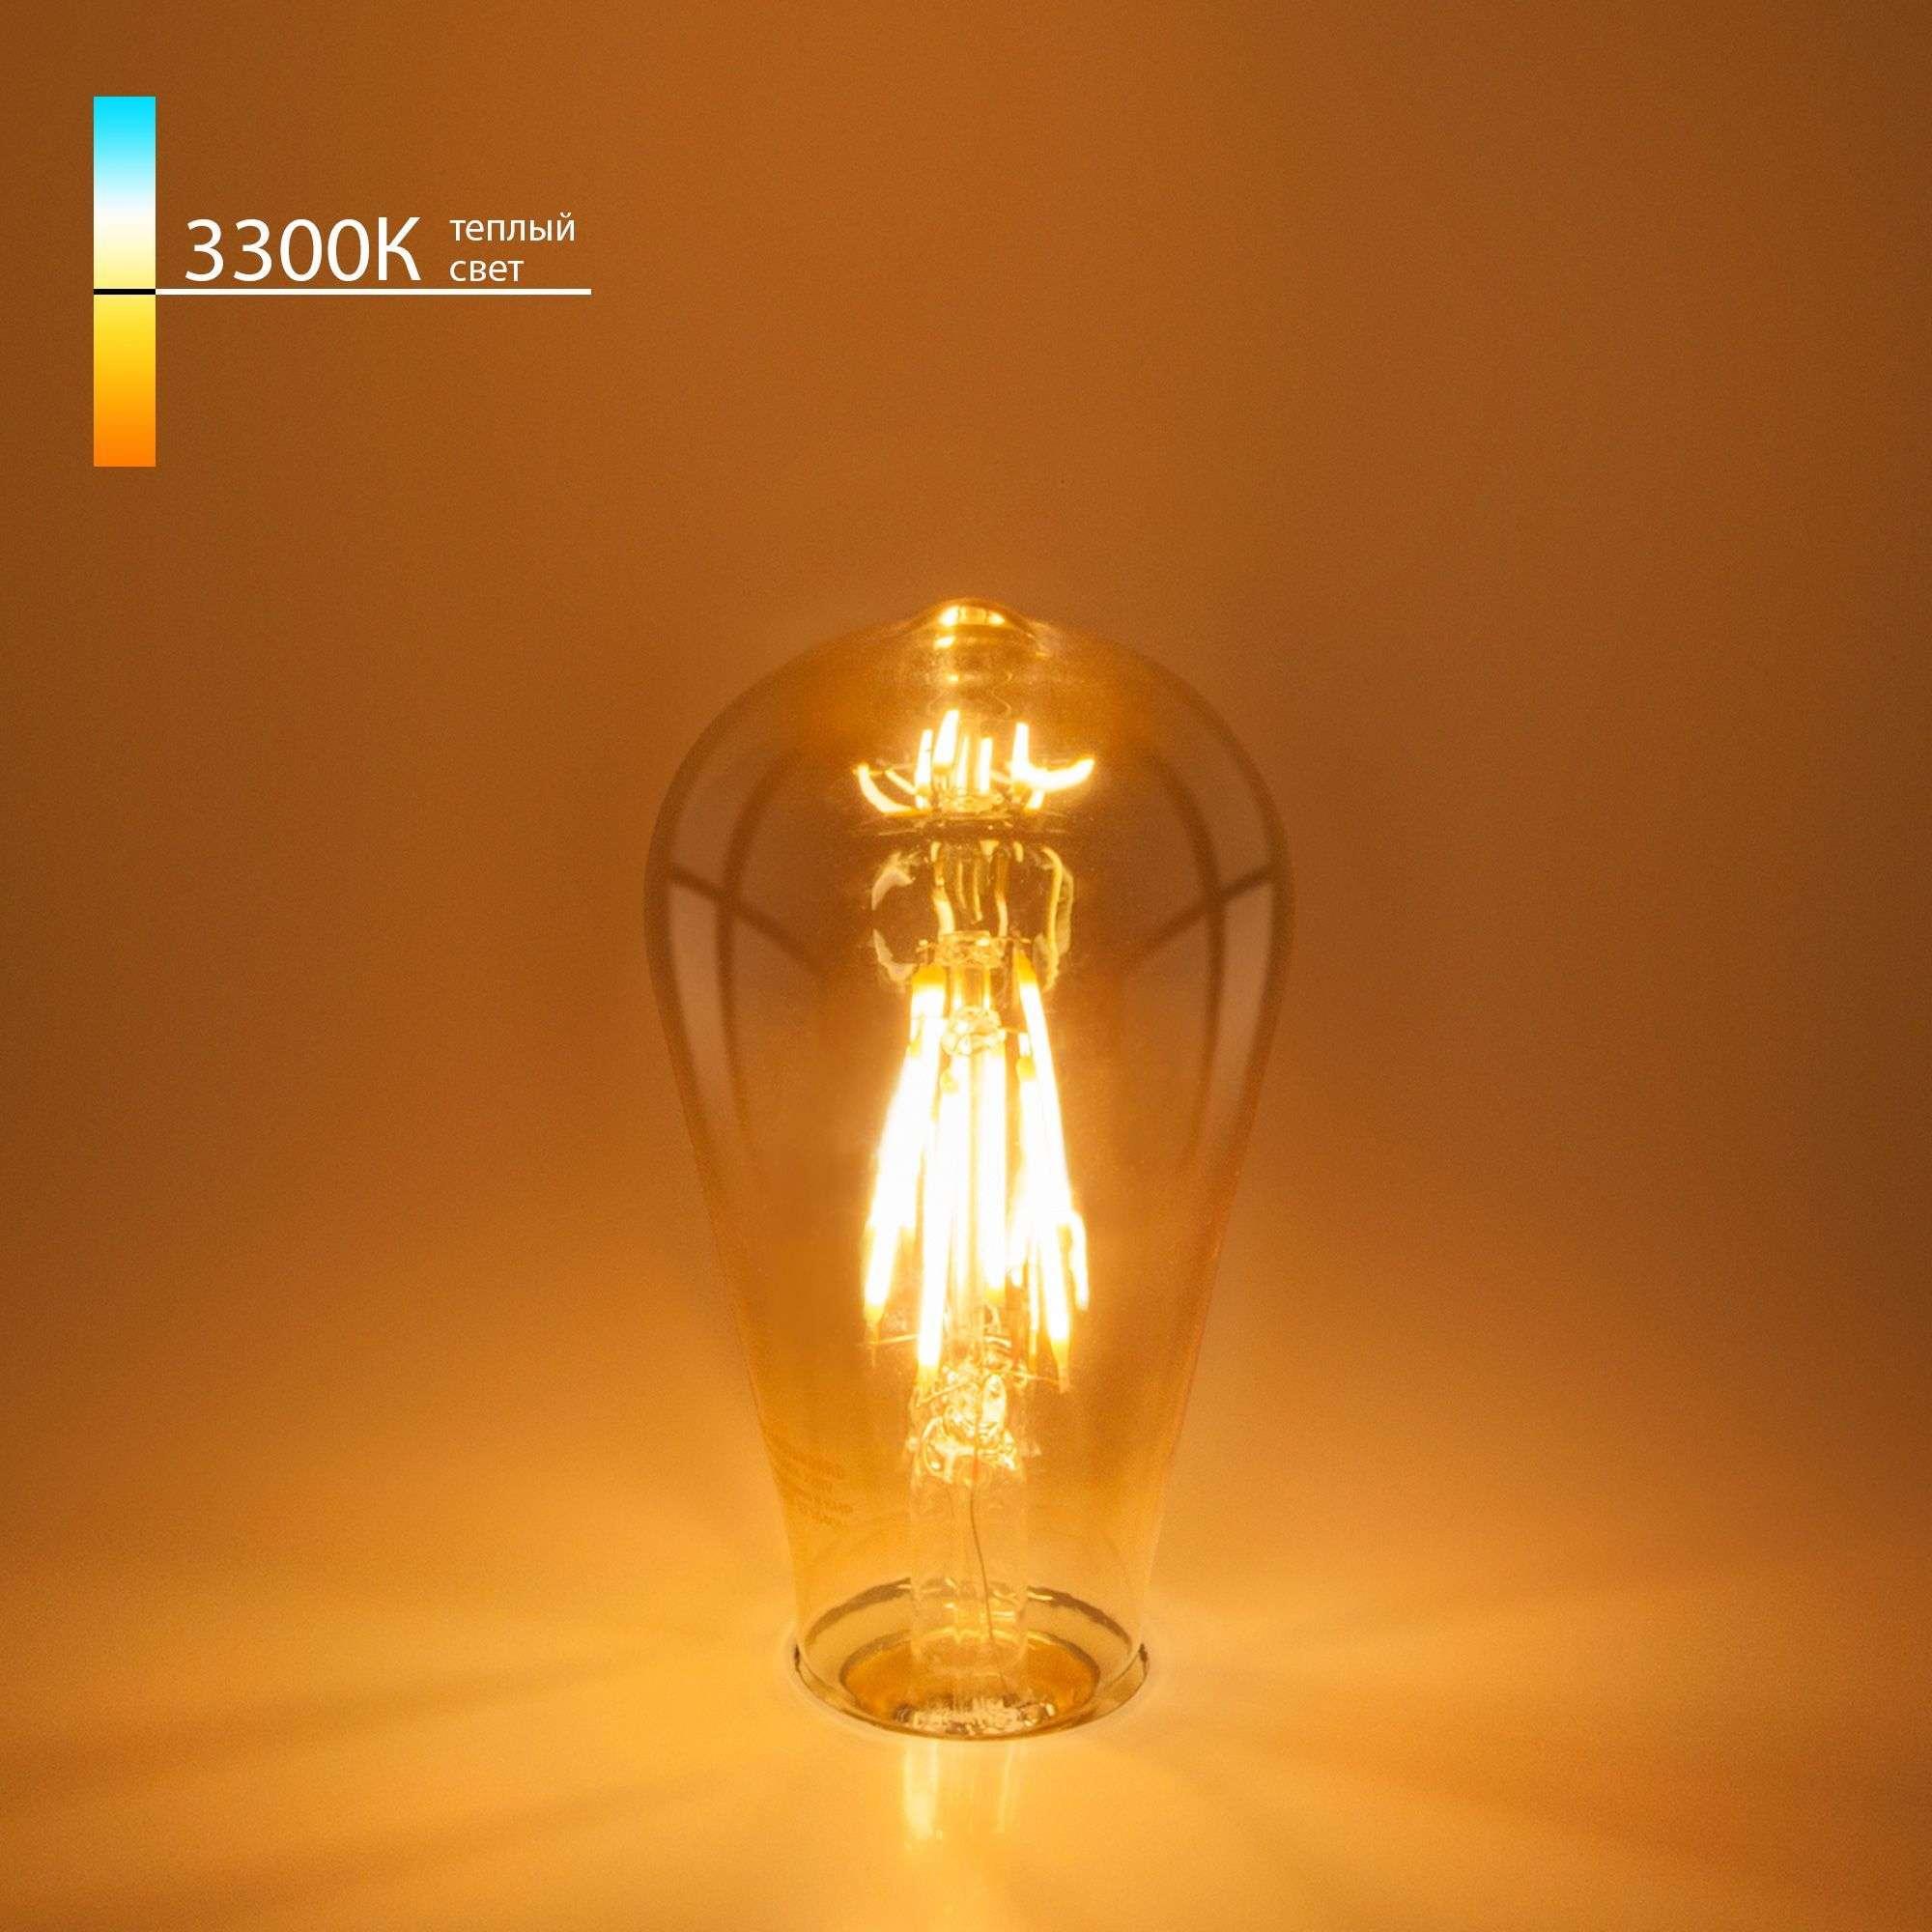 Филаментная светодиодная лампа ST64 6W 3300K E27 Classic FD 6W 3300K E27